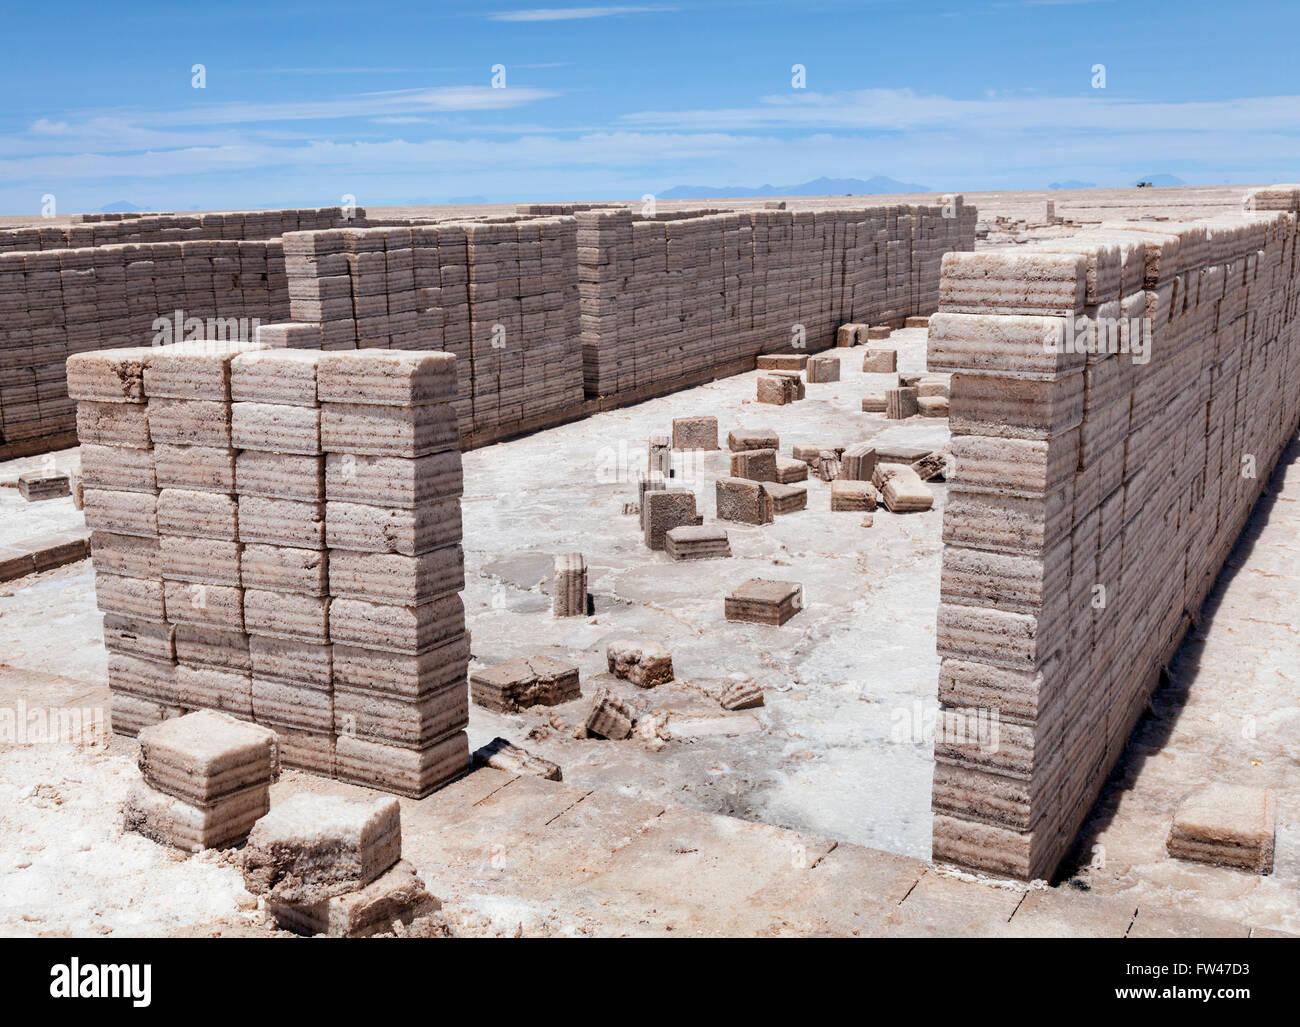 Cortar bloques de sal del Salar de Uyuni, Bolivia Imagen De Stock